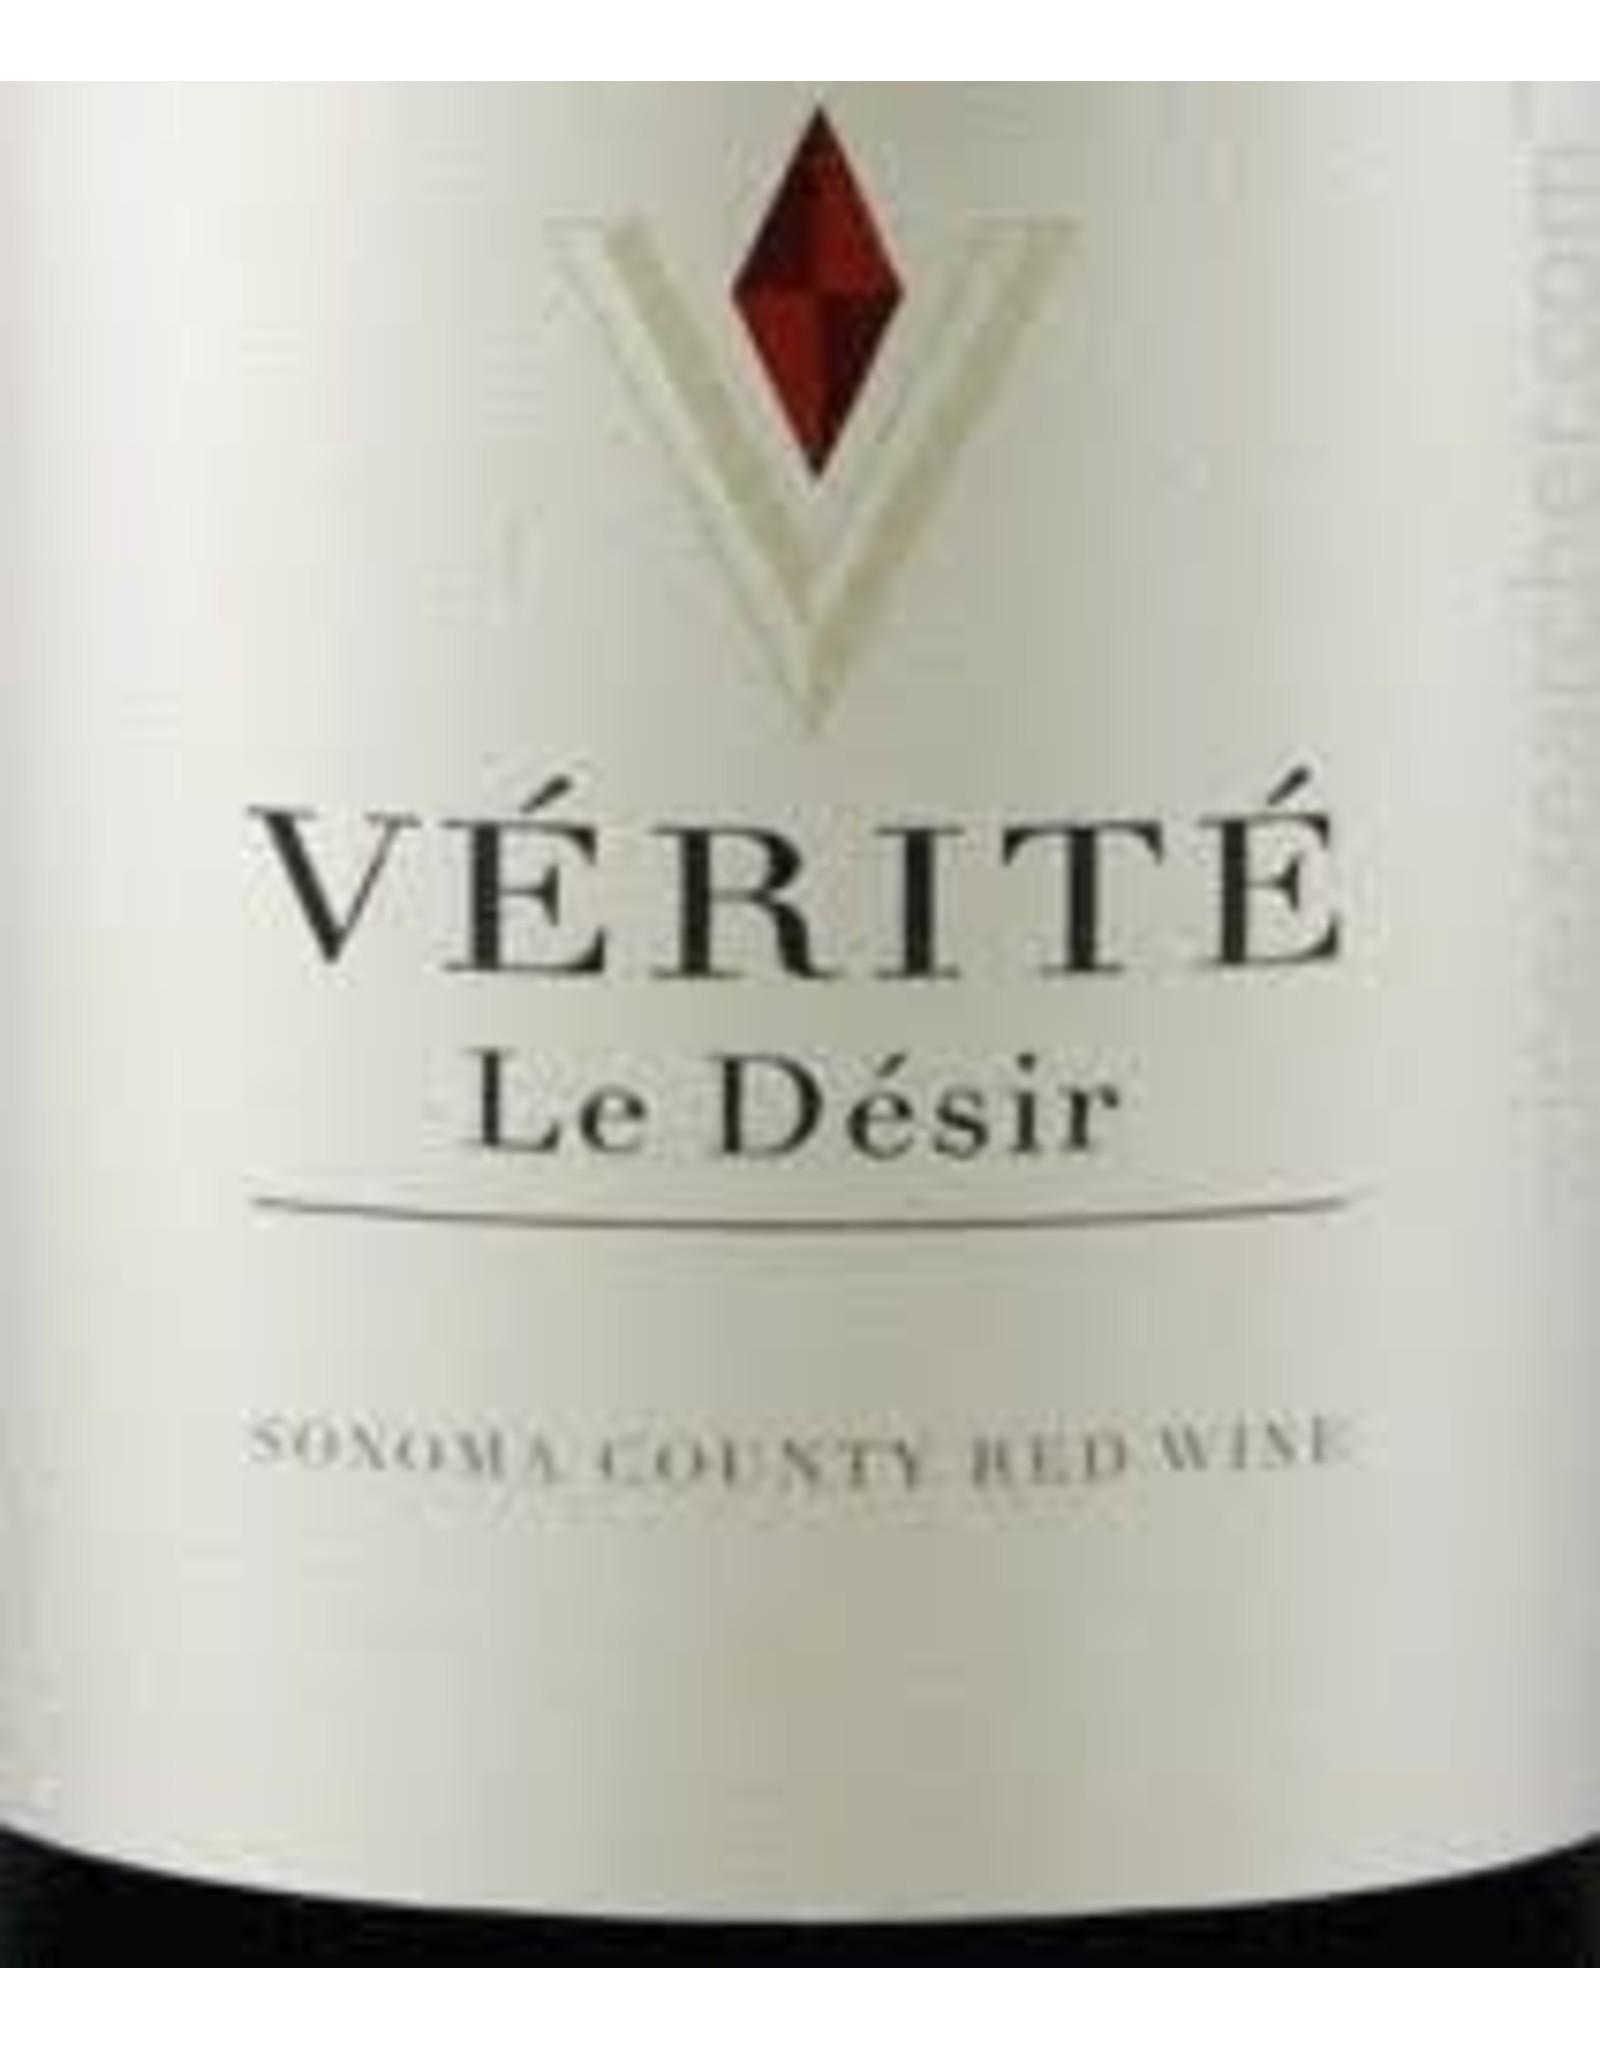 Verite 'Le Desir' Meritage, Sonoma County 2008